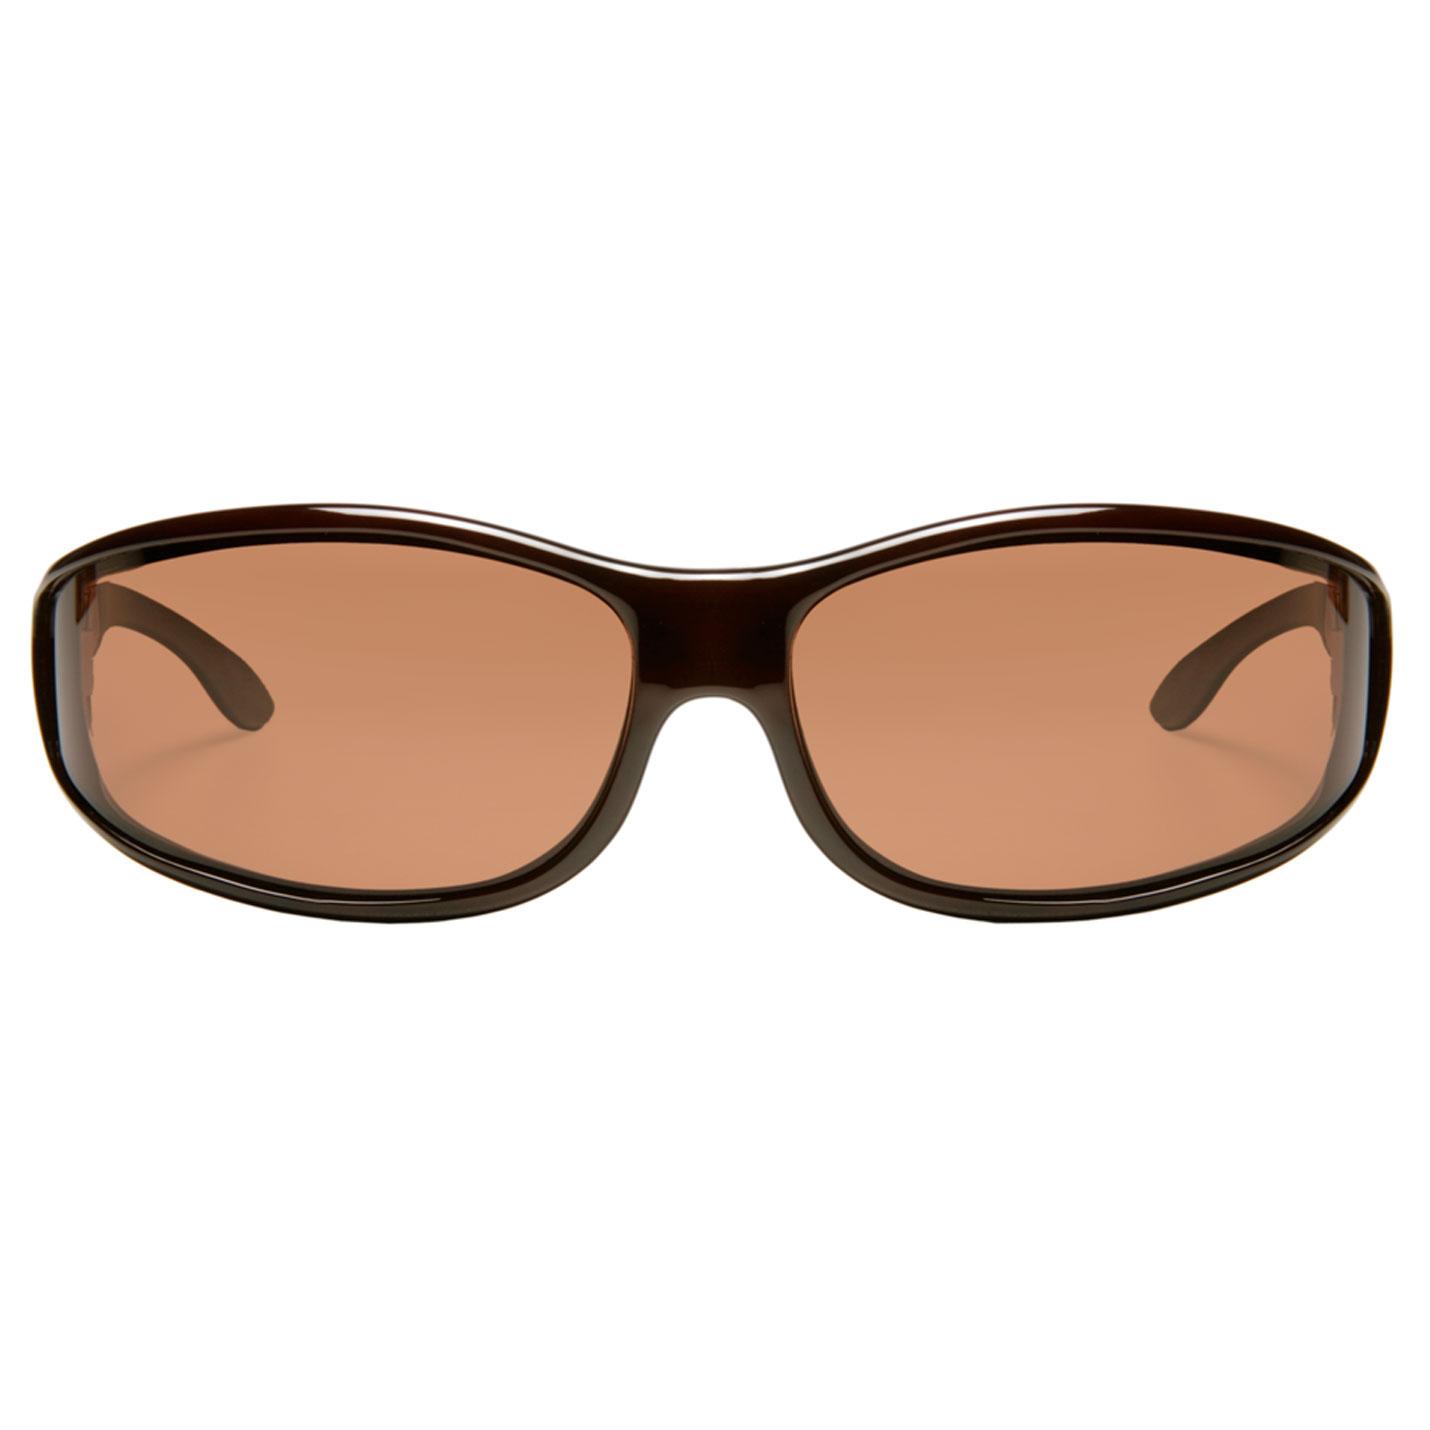 Les lunettes de soleil montures enveloppantes – TOLOSA